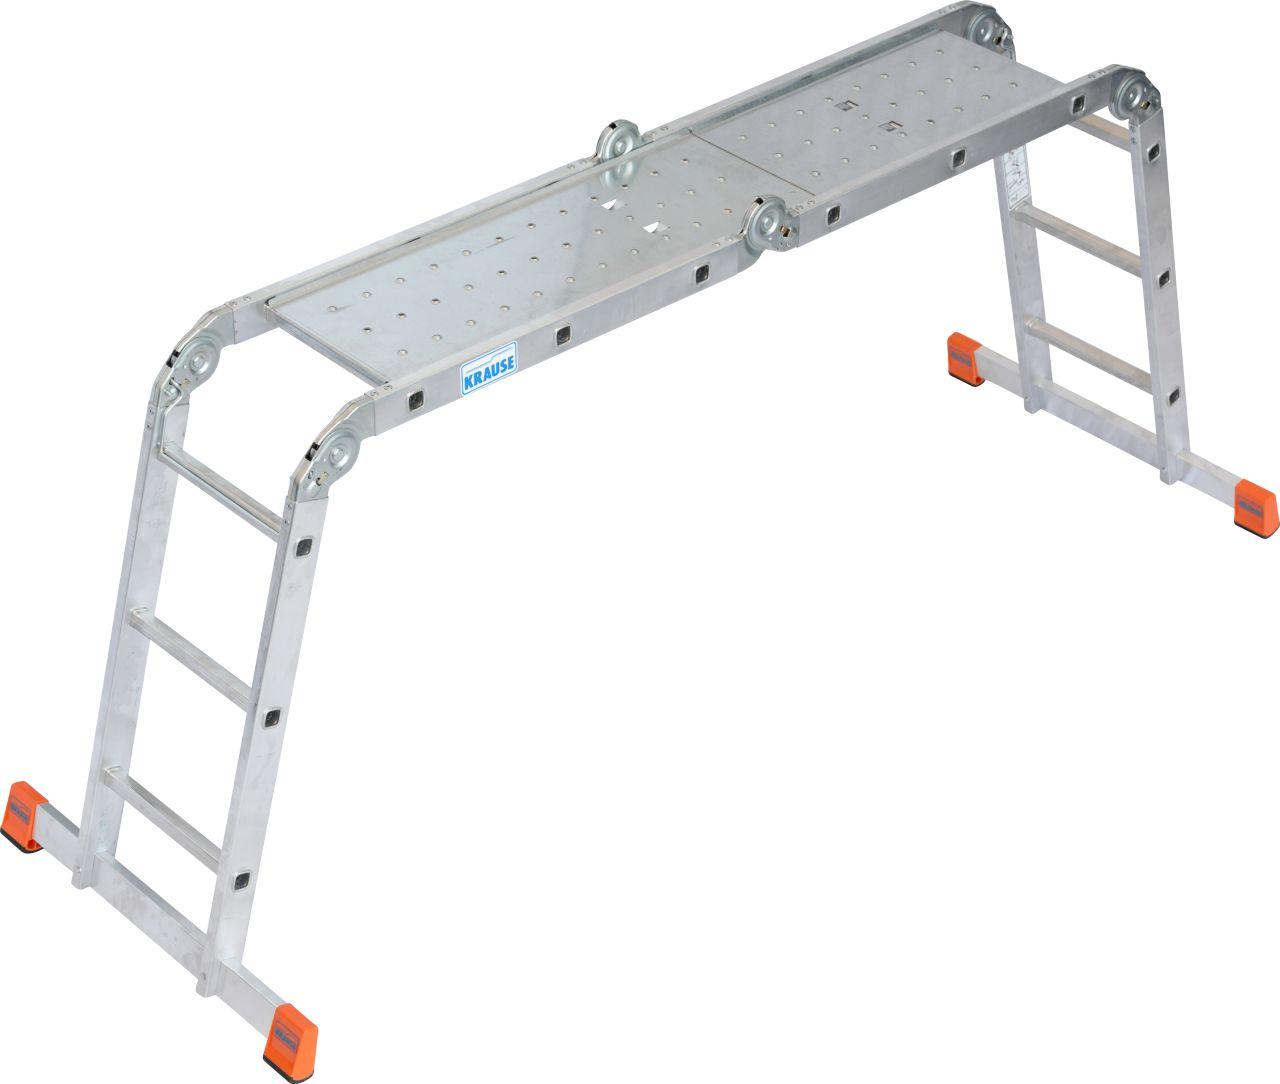 Sprossen-Gelenk-Universalleiter Multimatic. Flexible Gelenkleiter universell einsetzbar als Anlegeleiter, Stehleiter und als Arbeitsbühne